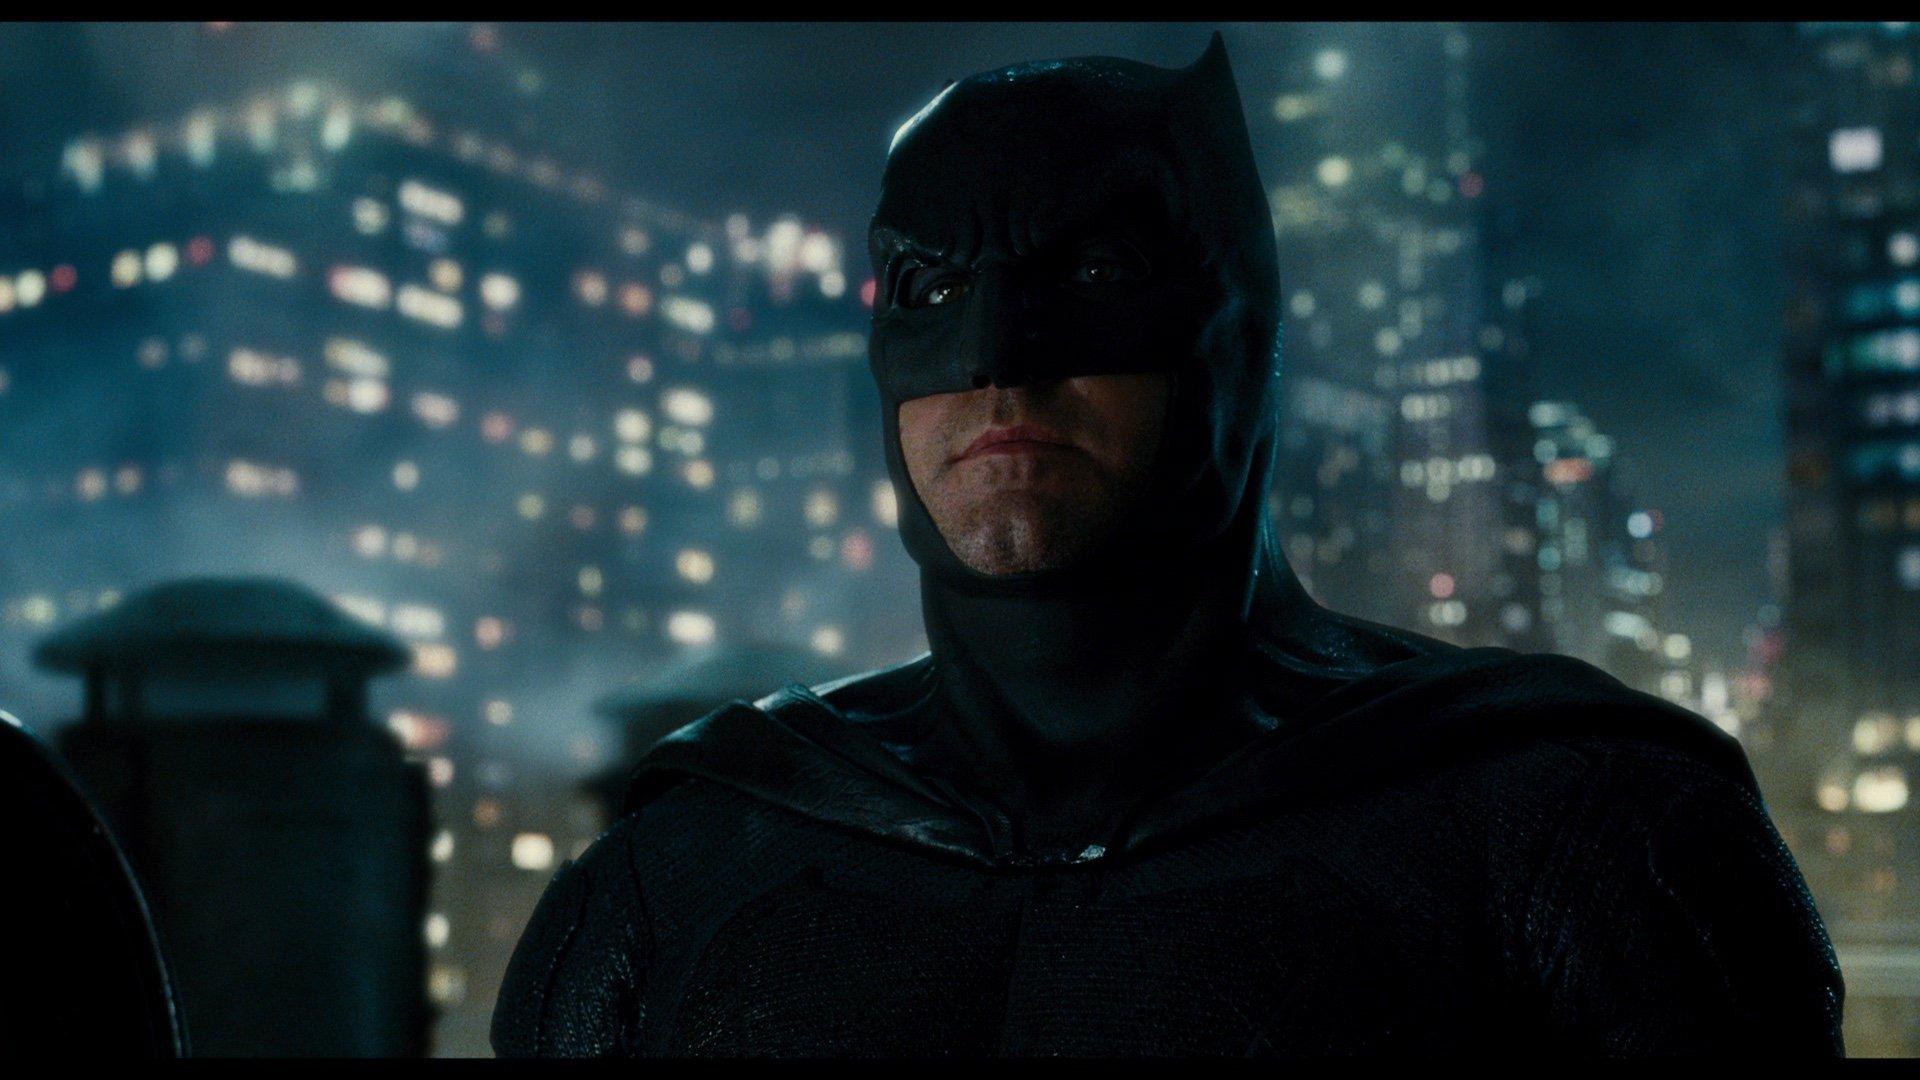 Desktop wallpaper ben affleck batman justice league - Ben affleck batman wallpaper ...